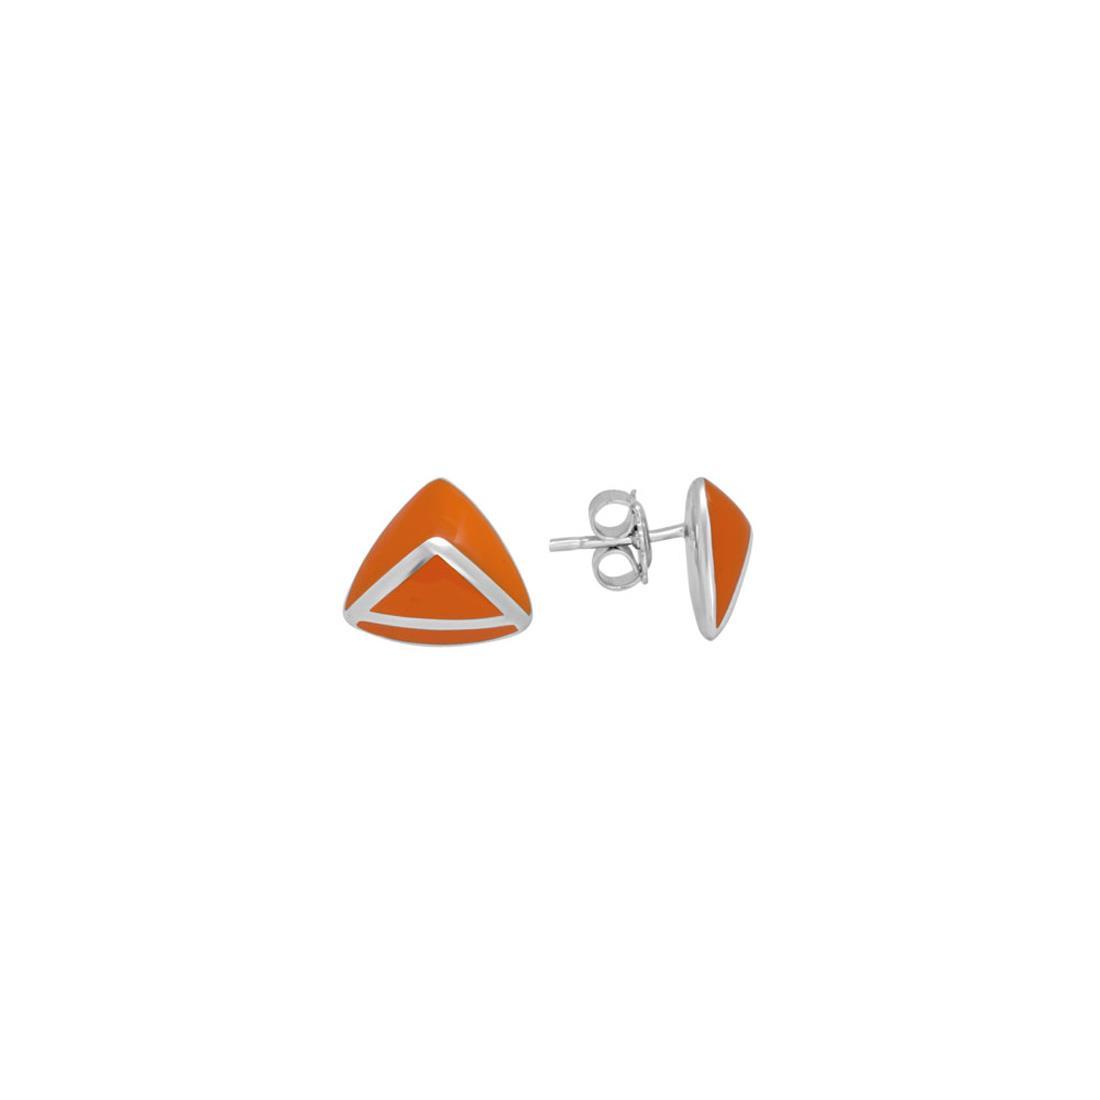 Orecchini in argento con smalto arancione - ALFIERI & ST. JOHN 925